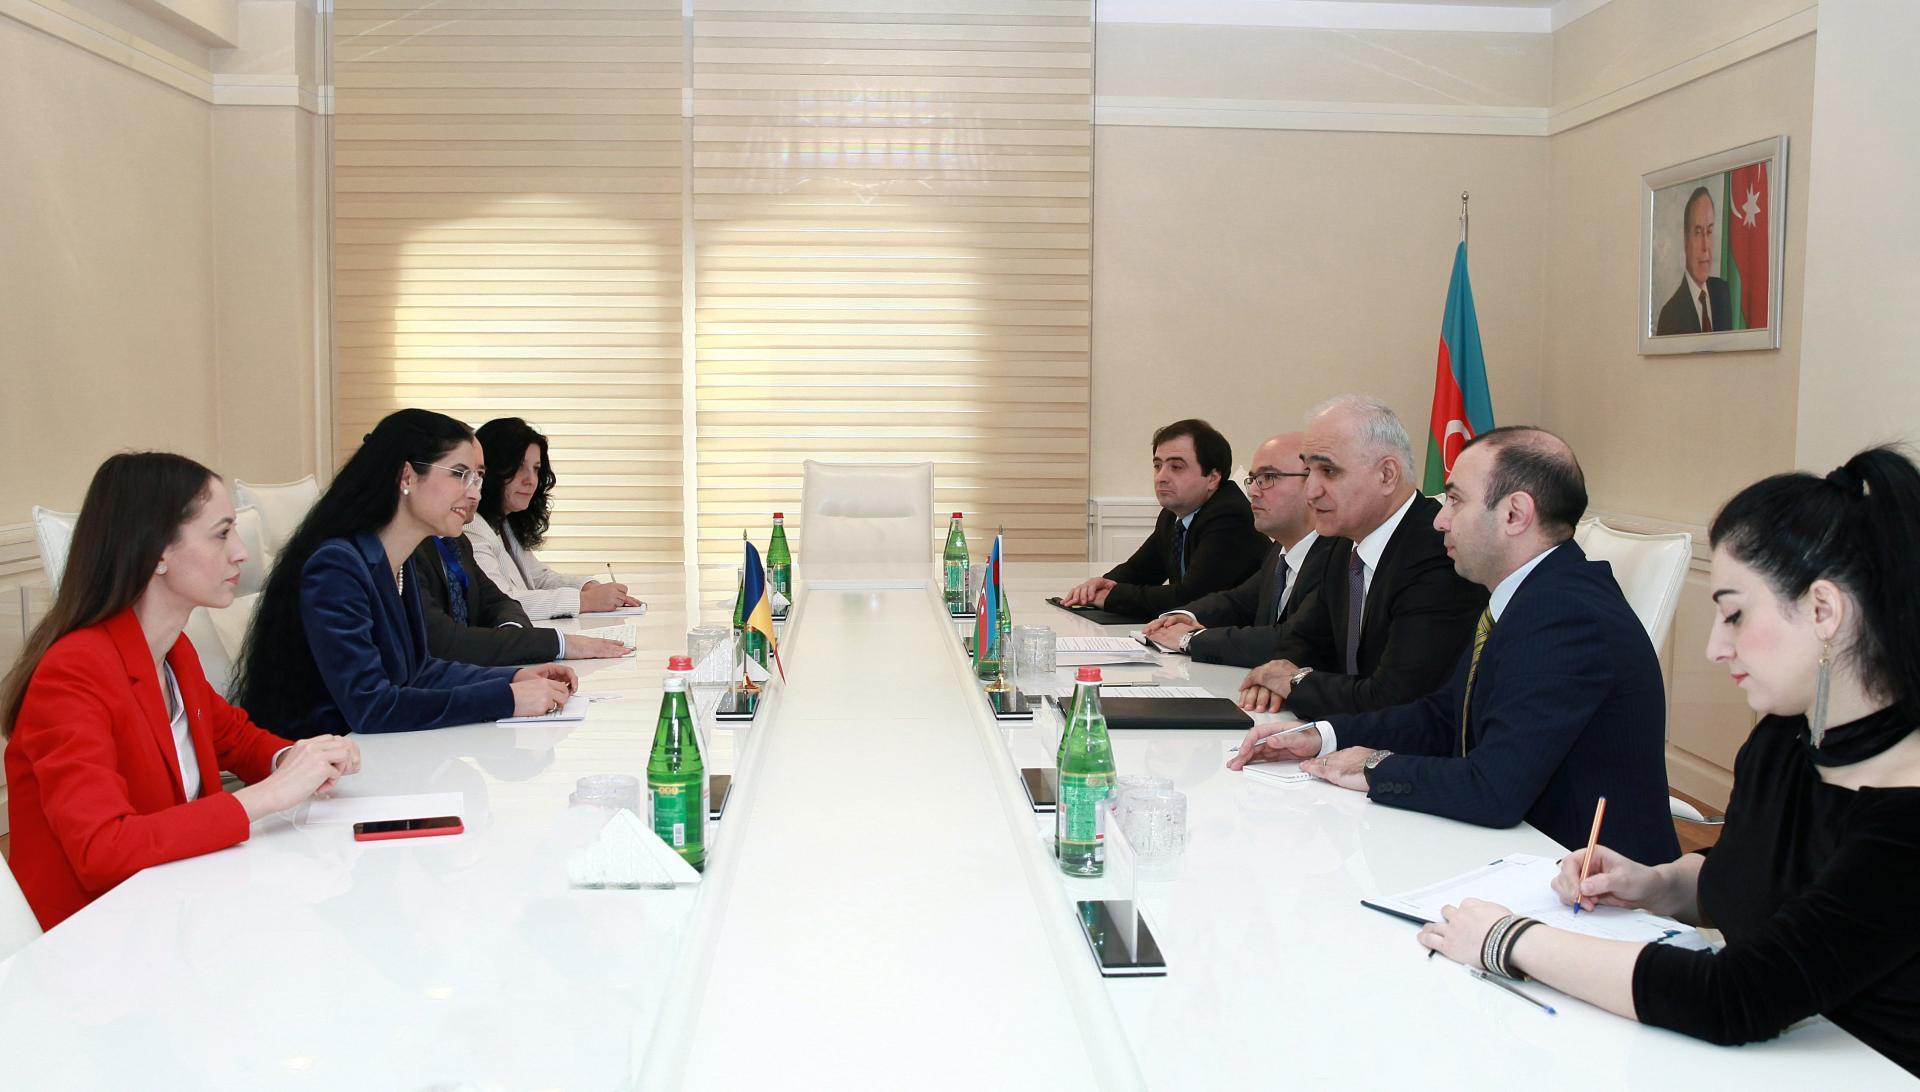 Azərbaycan-Rumıniya iqtisadi əlaqələrinin genişləndirilməsi müzakirə olunub